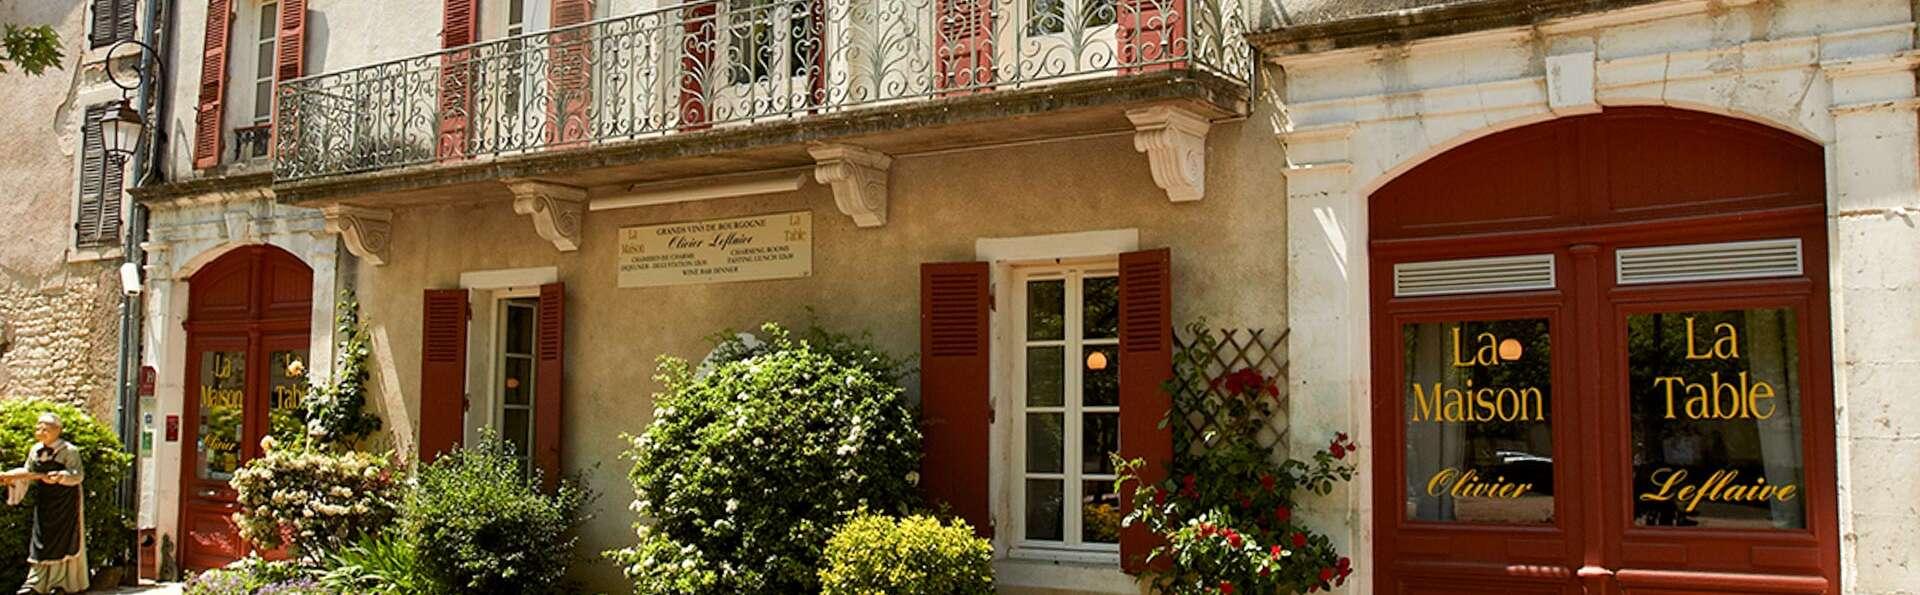 Maison Leflaive Olivier - EDIT_FRONT_01.jpg